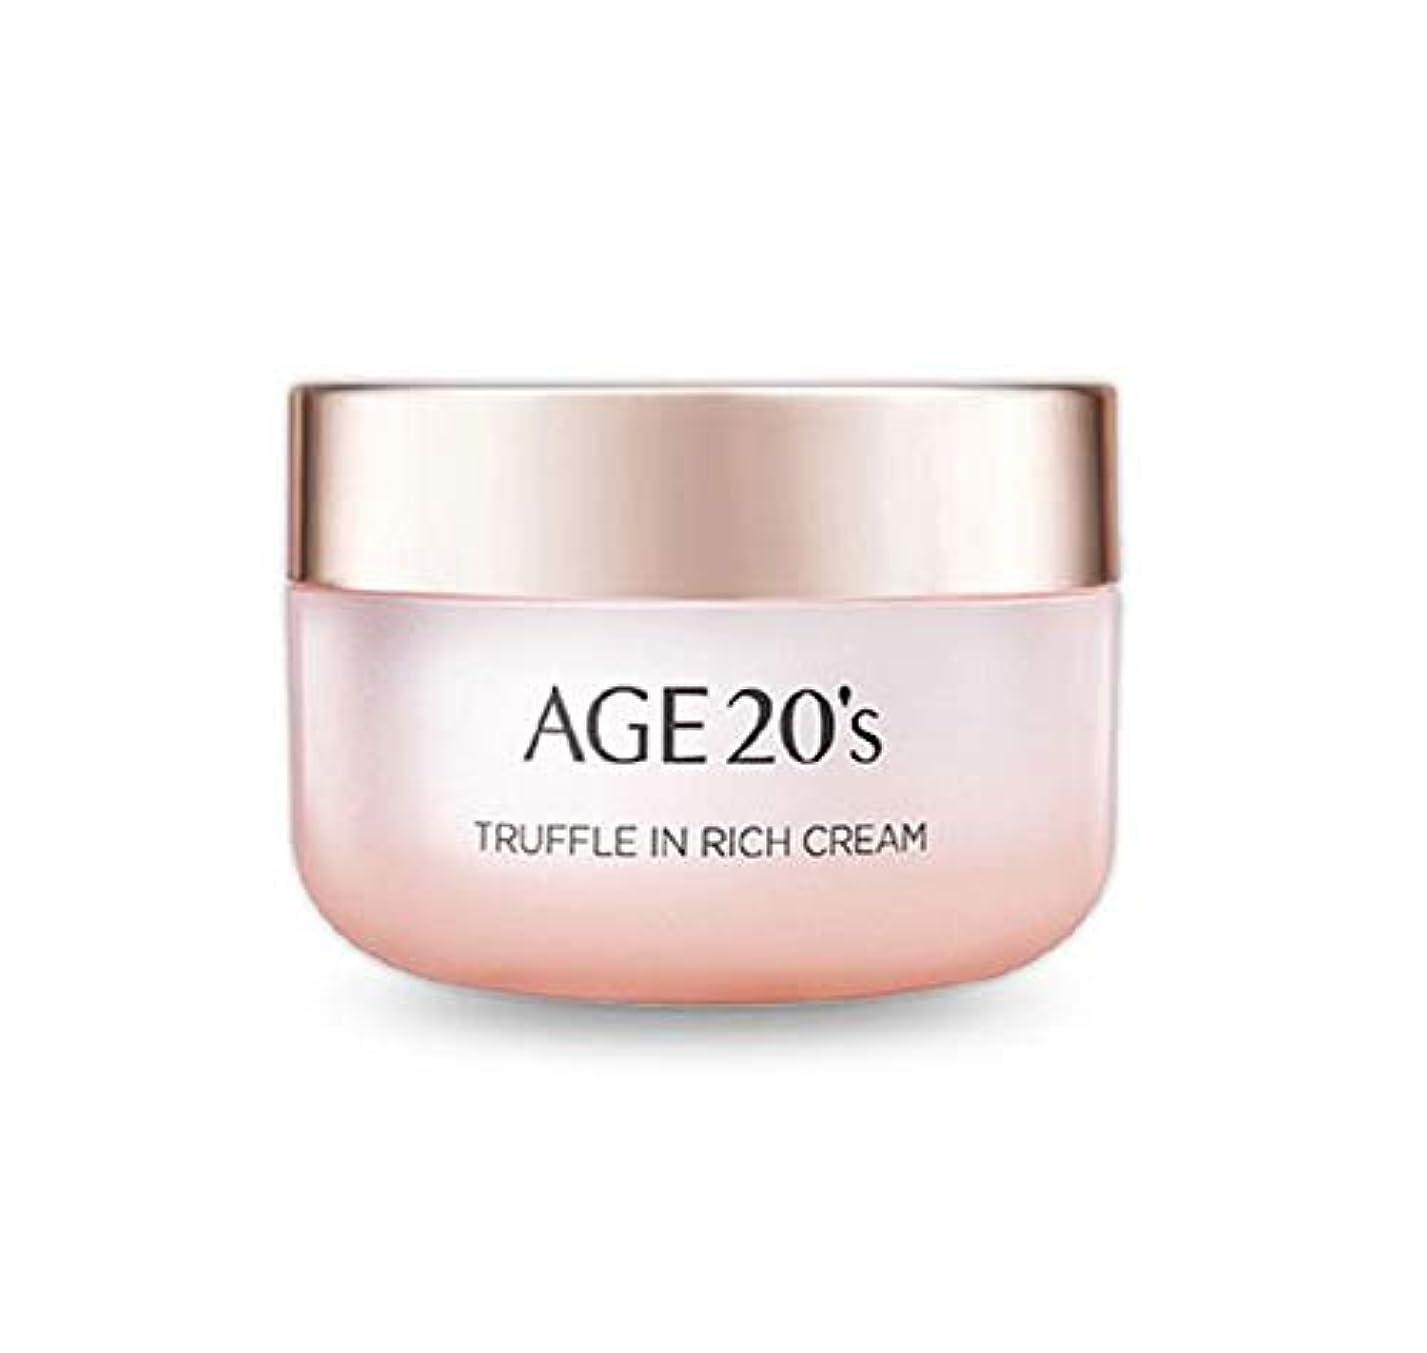 ギャザー石灰岩ゴムエイジトゥエンティスAge20's 韓国コスメ トリュフリッチ クリーム 50g 海外直送品 Truffle in rich Cream [並行輸入品]